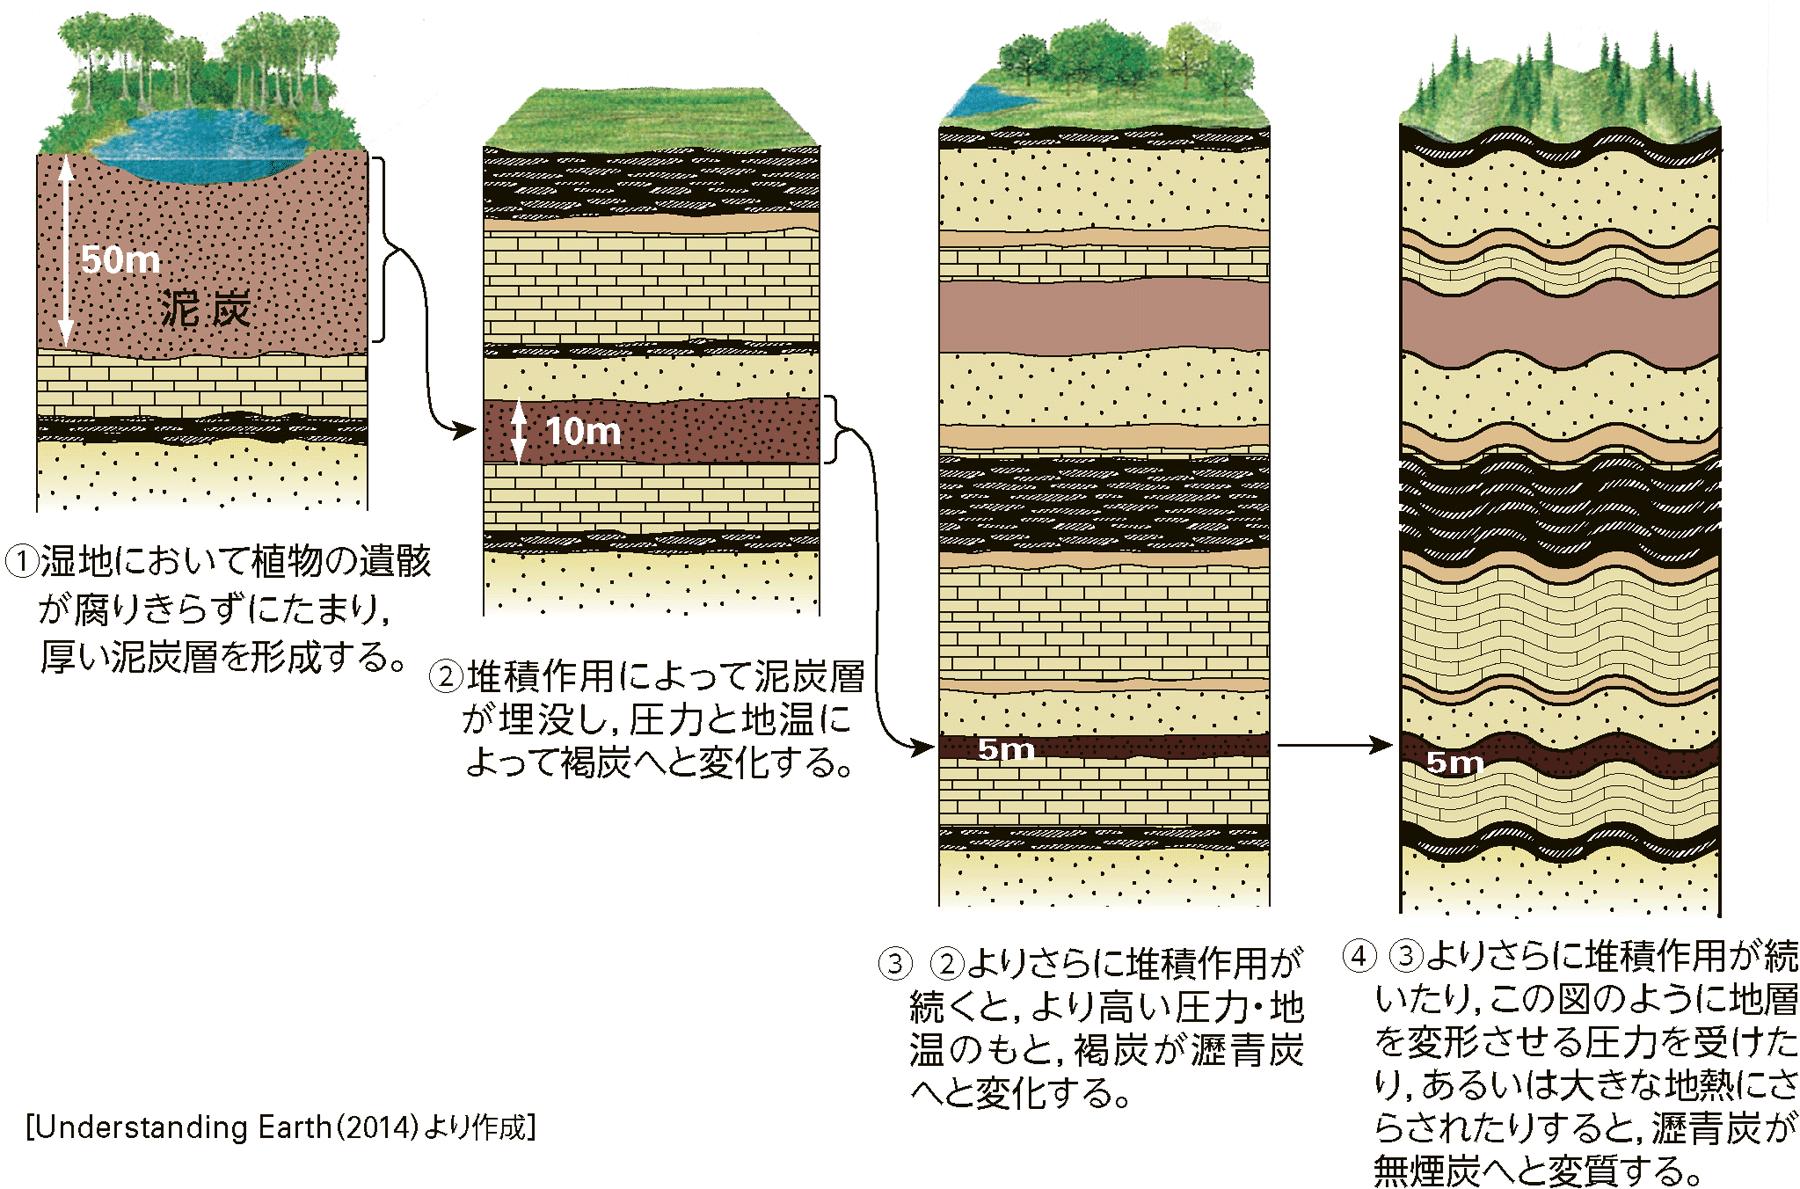 石炭層の生成過程